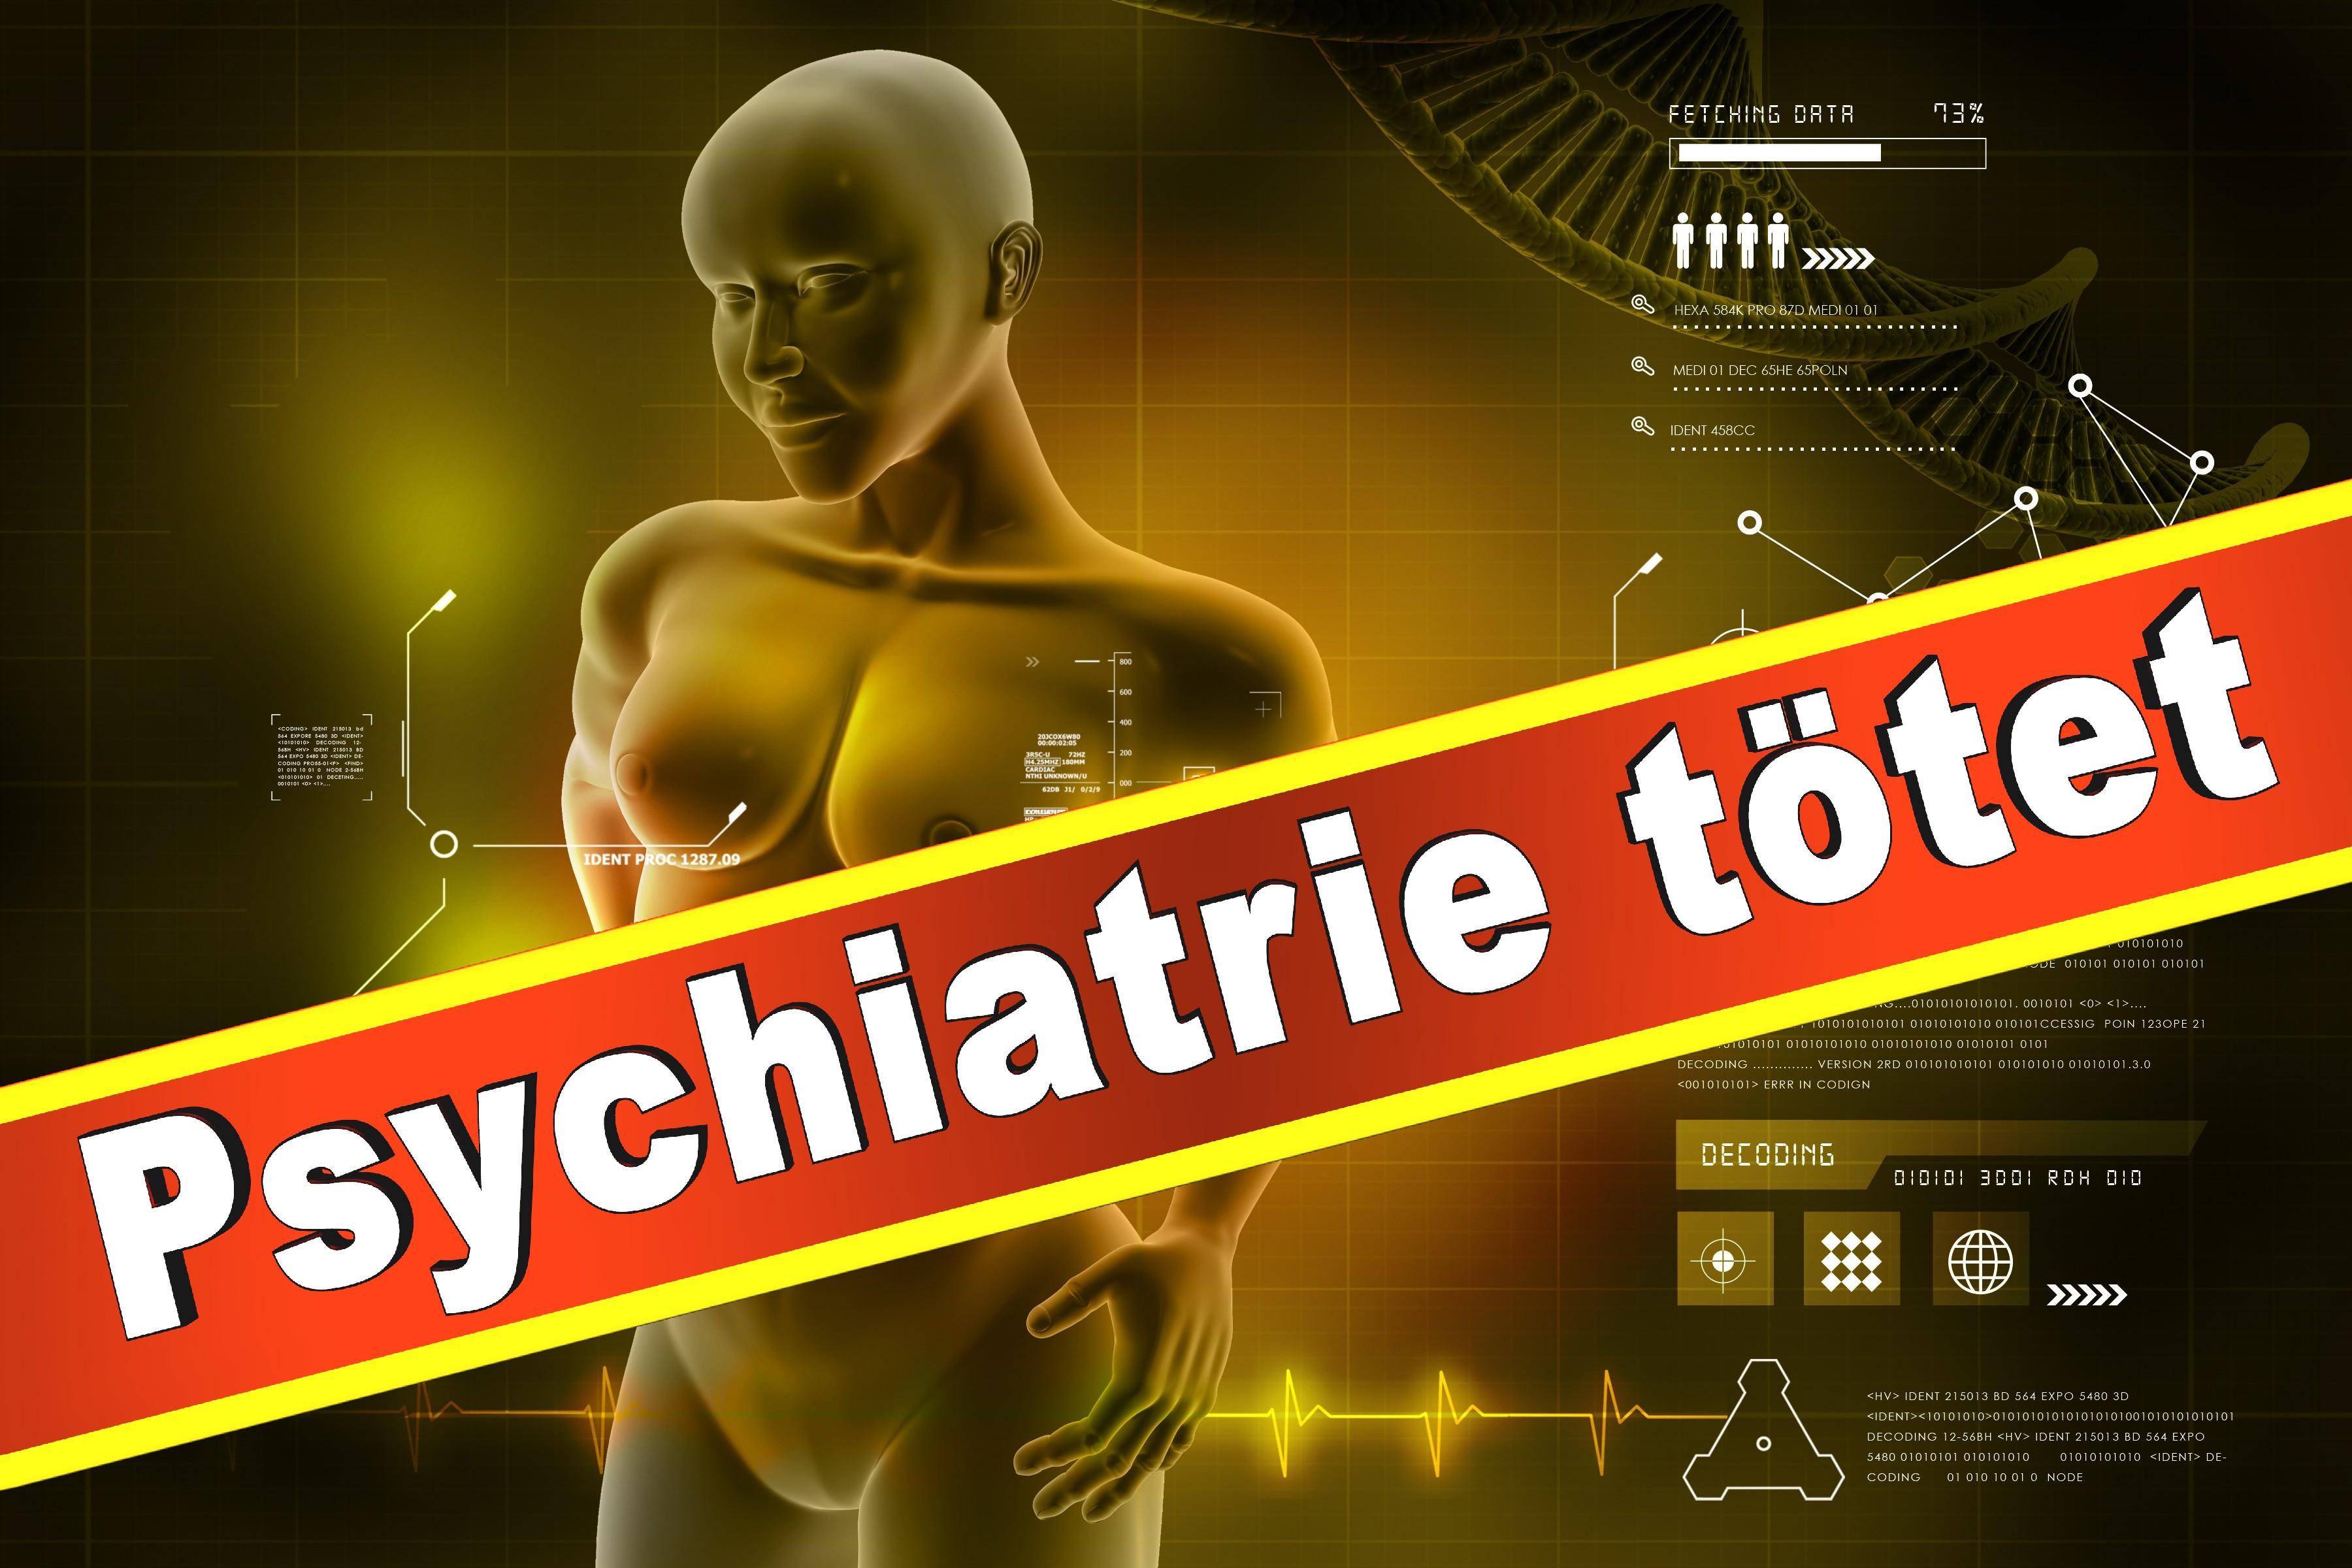 Frau Dr Med Edith Brasas Neurologe Laatzen Gutachten Psychiater Facharzt Psychiatrie